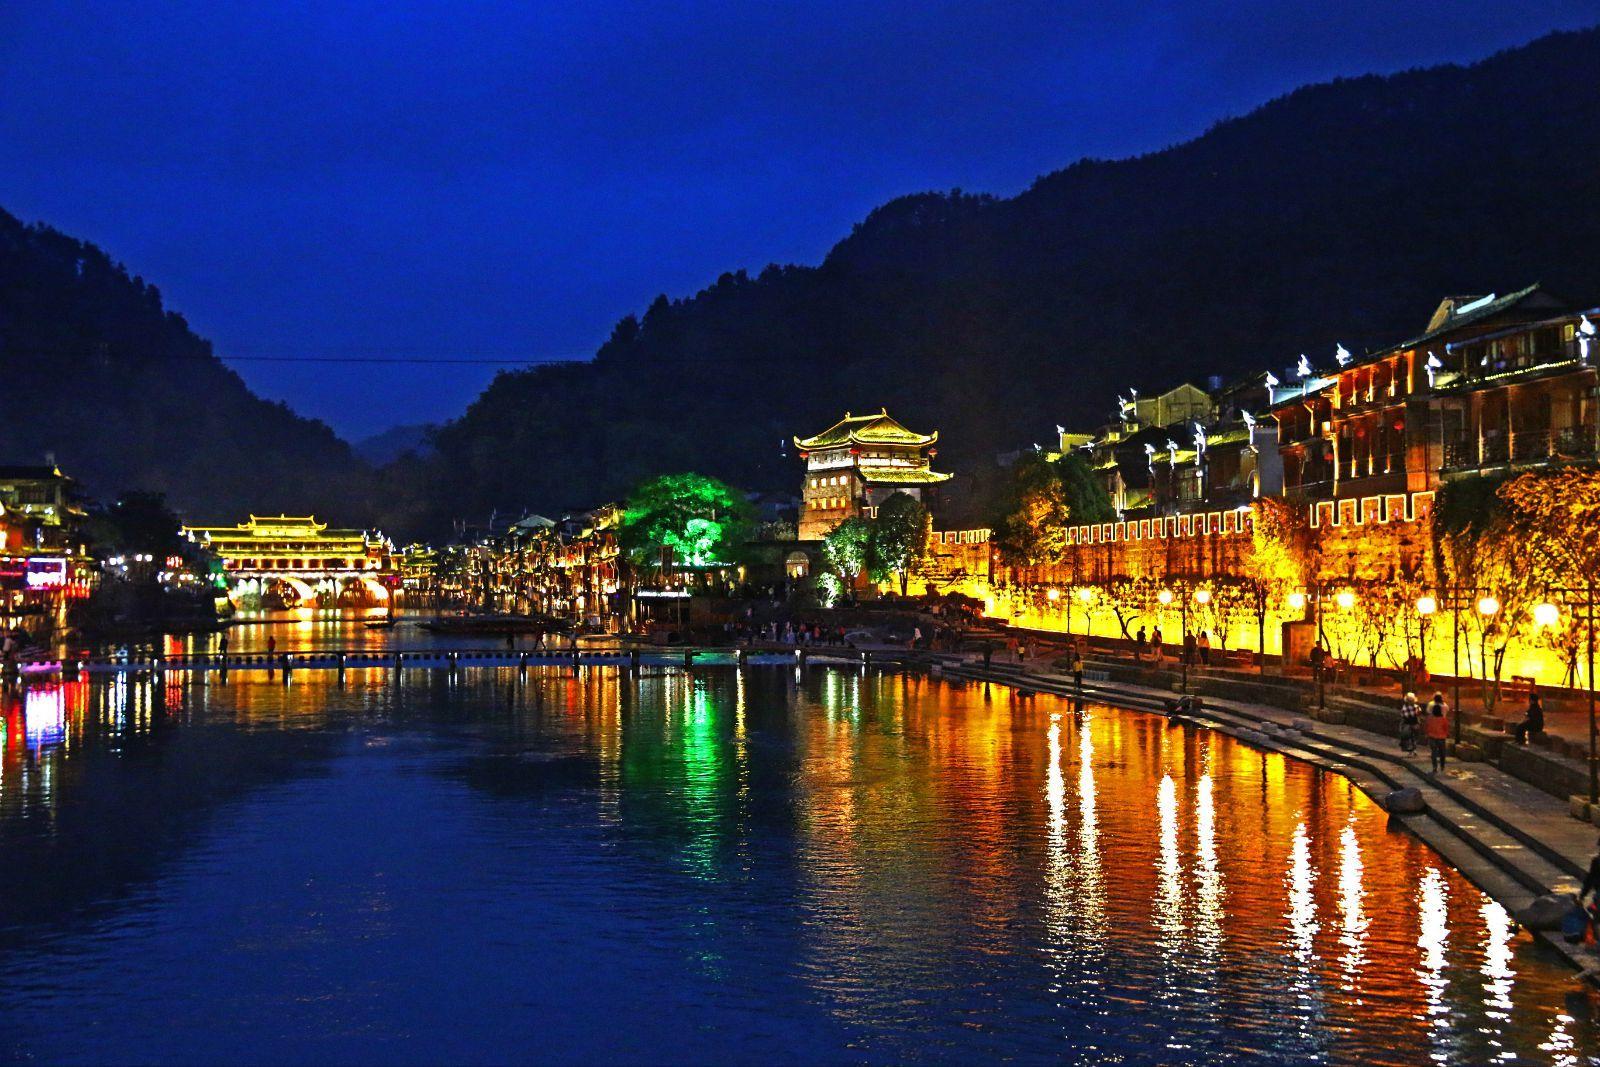 一座古香古色的古镇,湖南凤凰